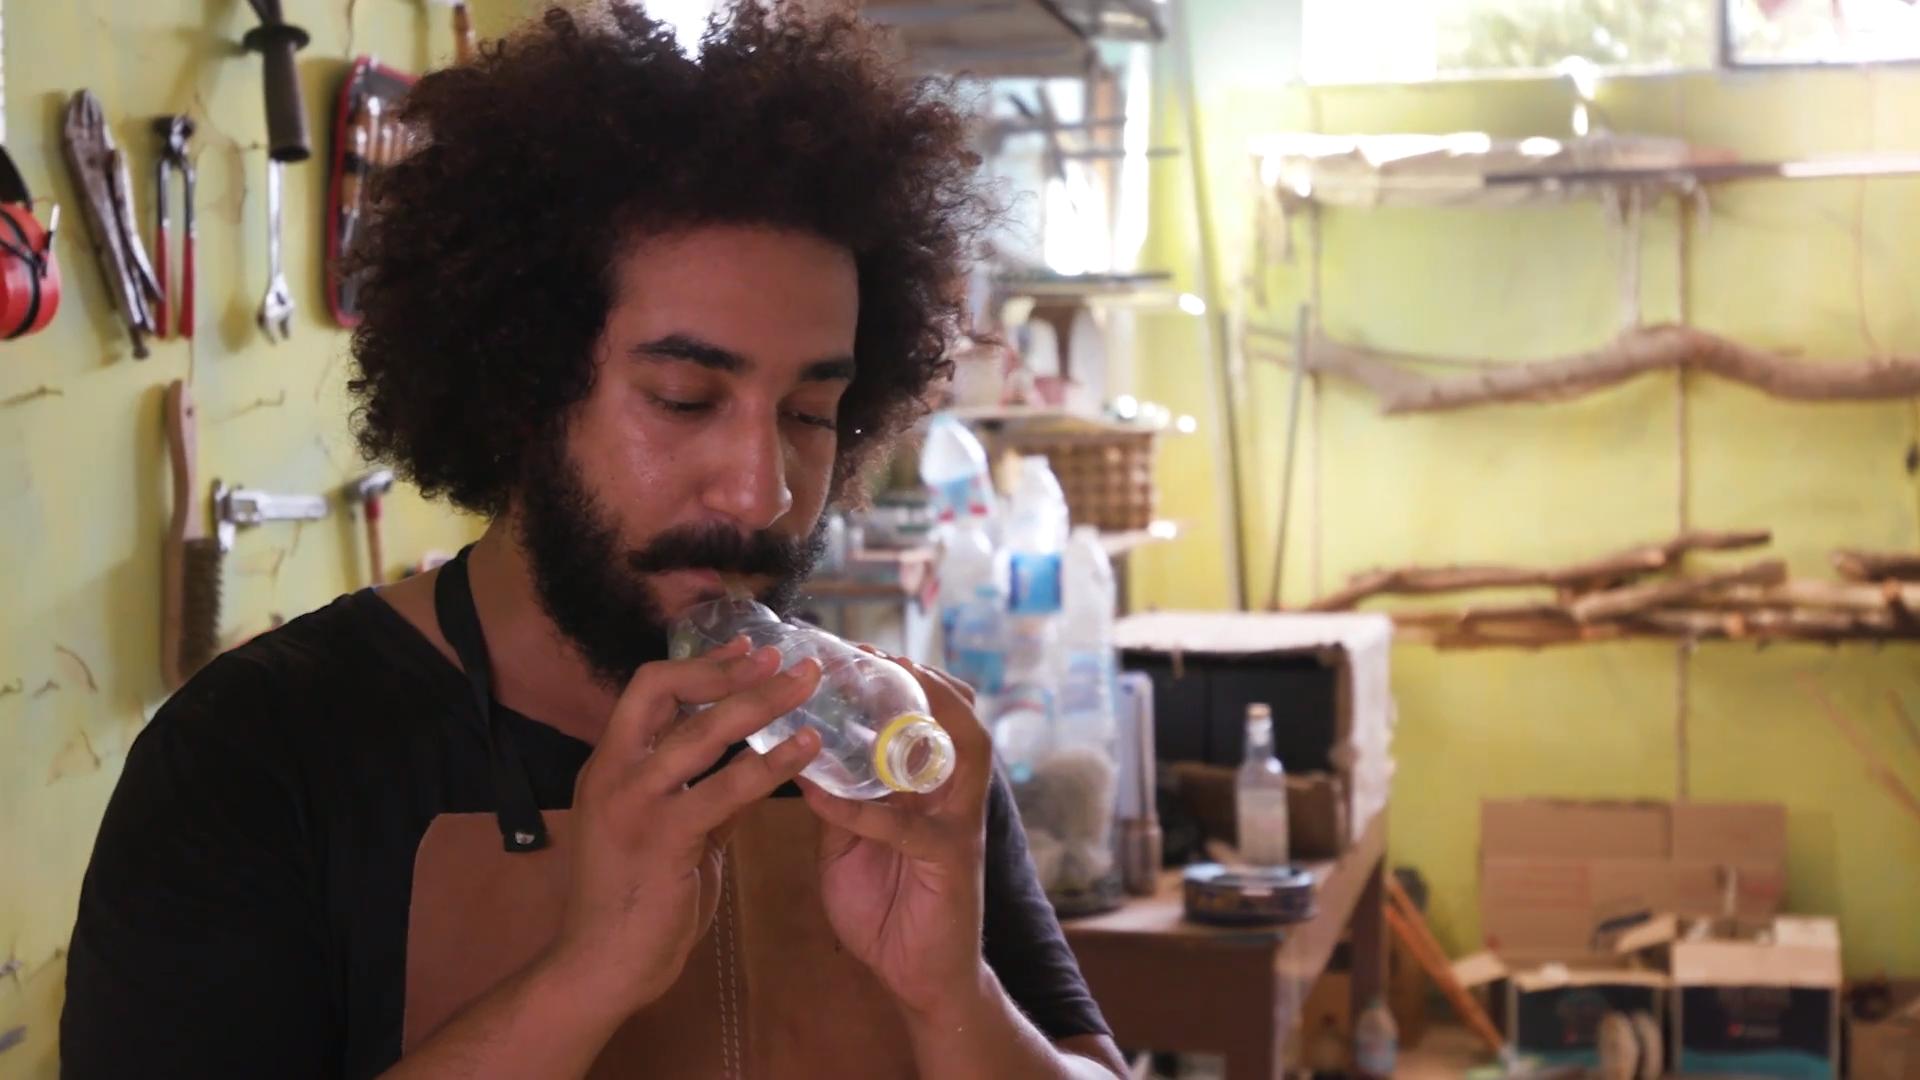 Chỉ với 1 vài dụng cụ đơn giản và kính bảo hộ, anh Shady Rabab đã biến các loại rác thải thành nhạc cụ.